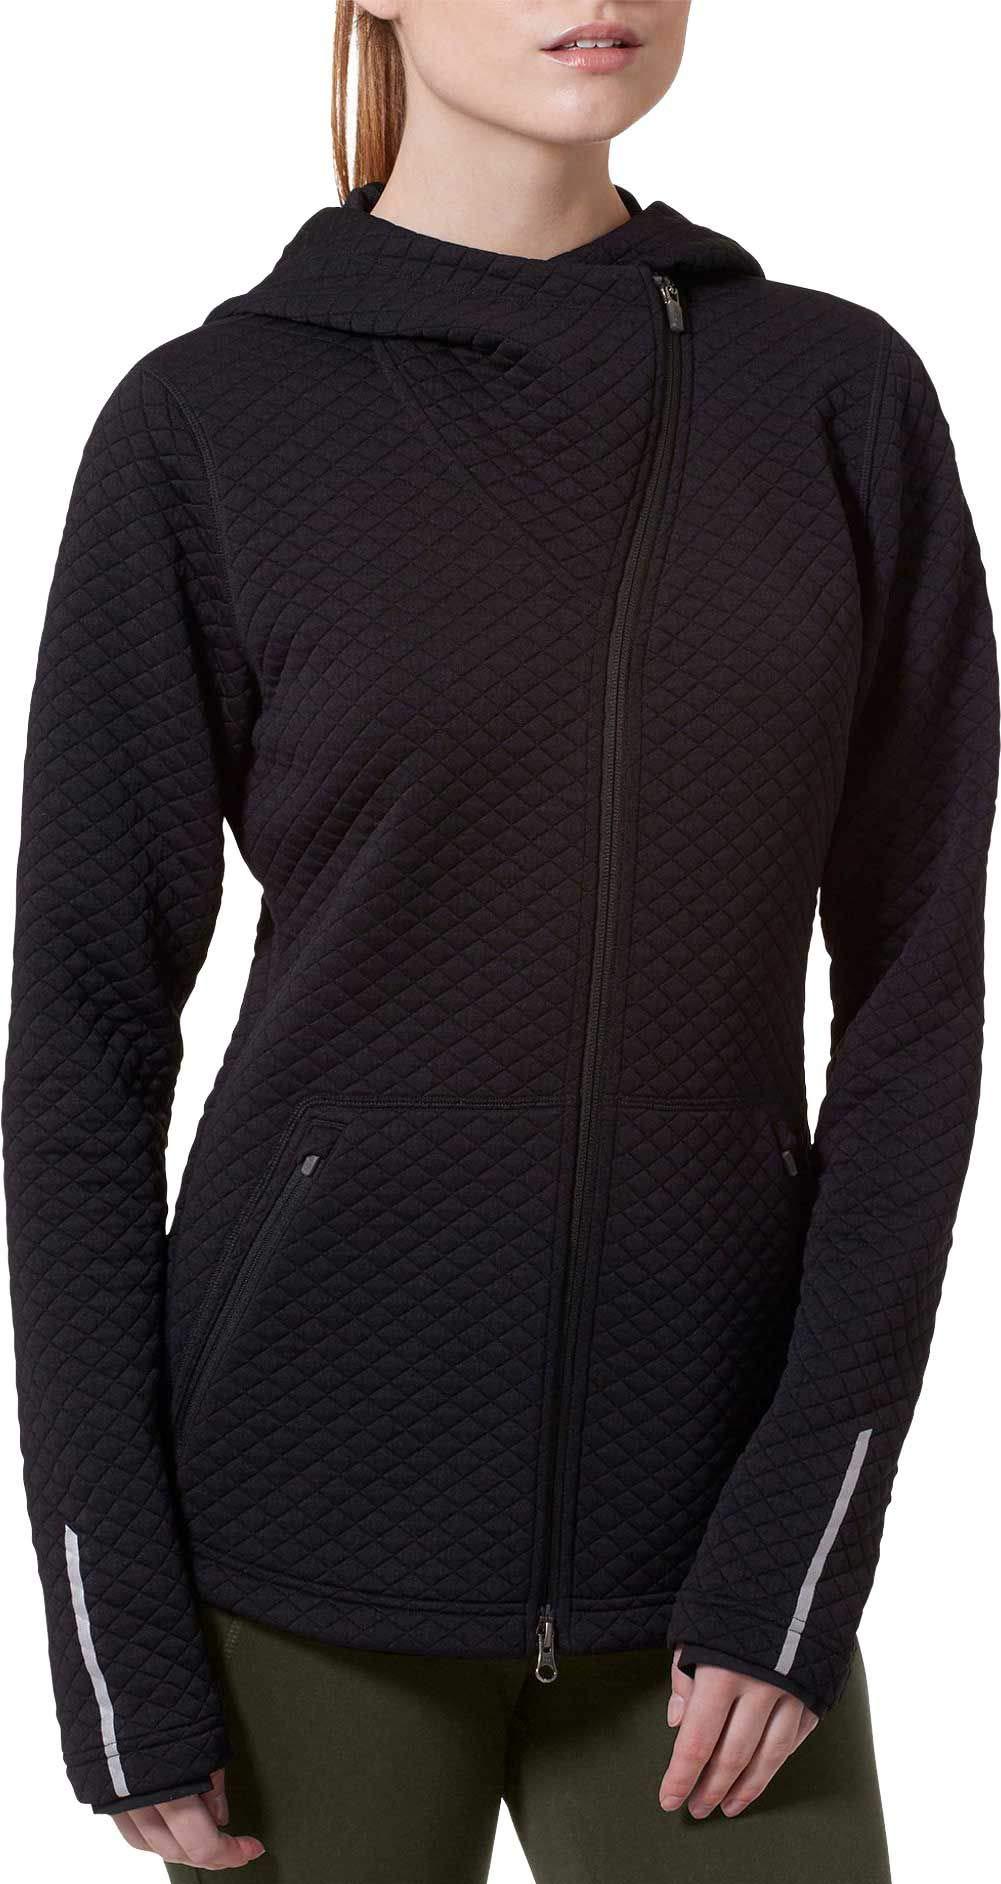 New Balance Women's Heat Loft Asymmetrical Full-Zip Jacket (XS, Black)